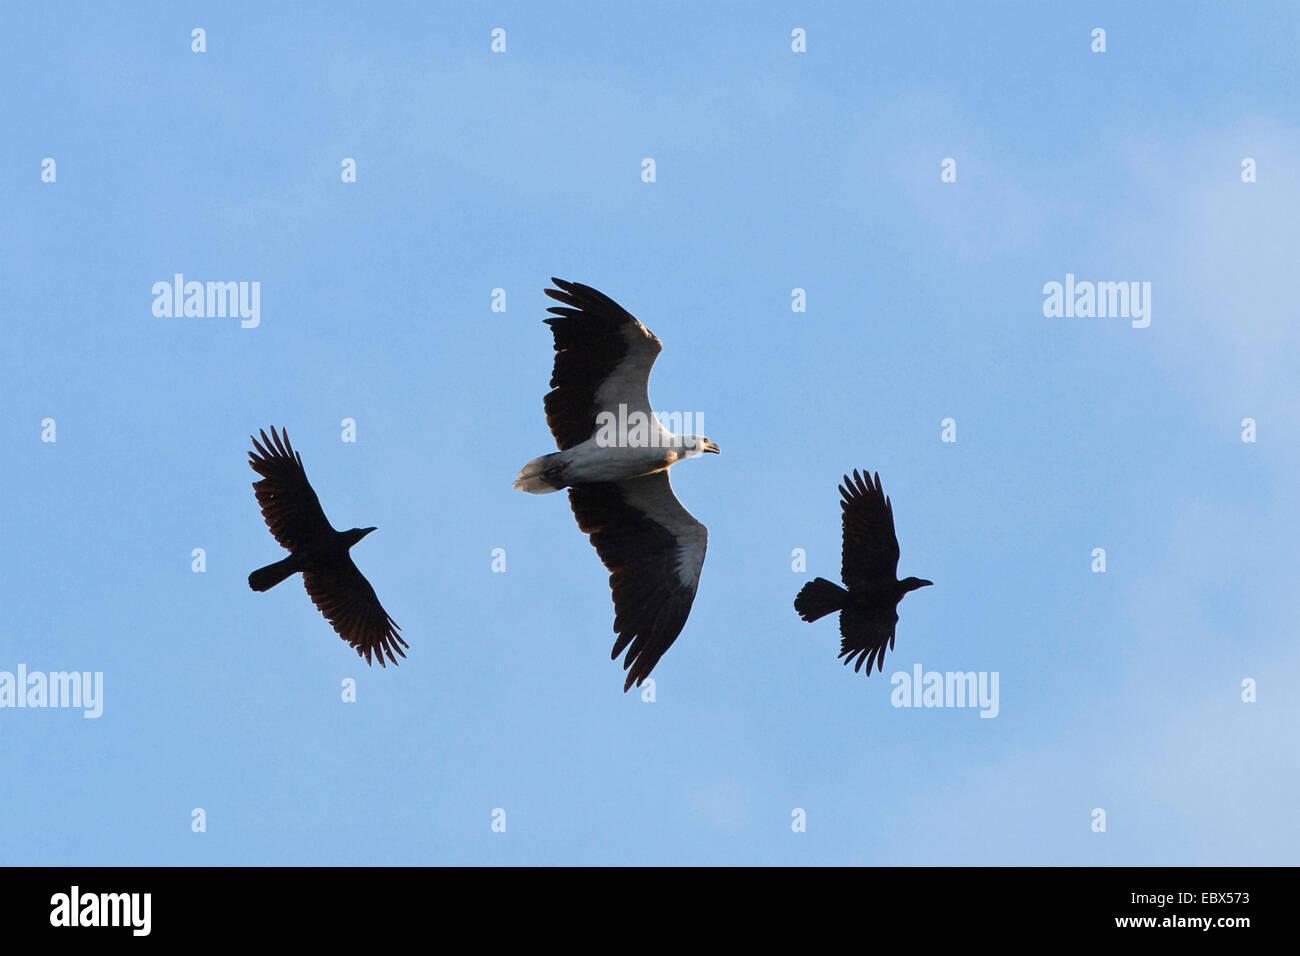 Dschungel Krähe (Corvus Macrorhynchos), Dschungel Krähen angreifen White-bellied Sea-Eagle, Haliaeetus Stockbild